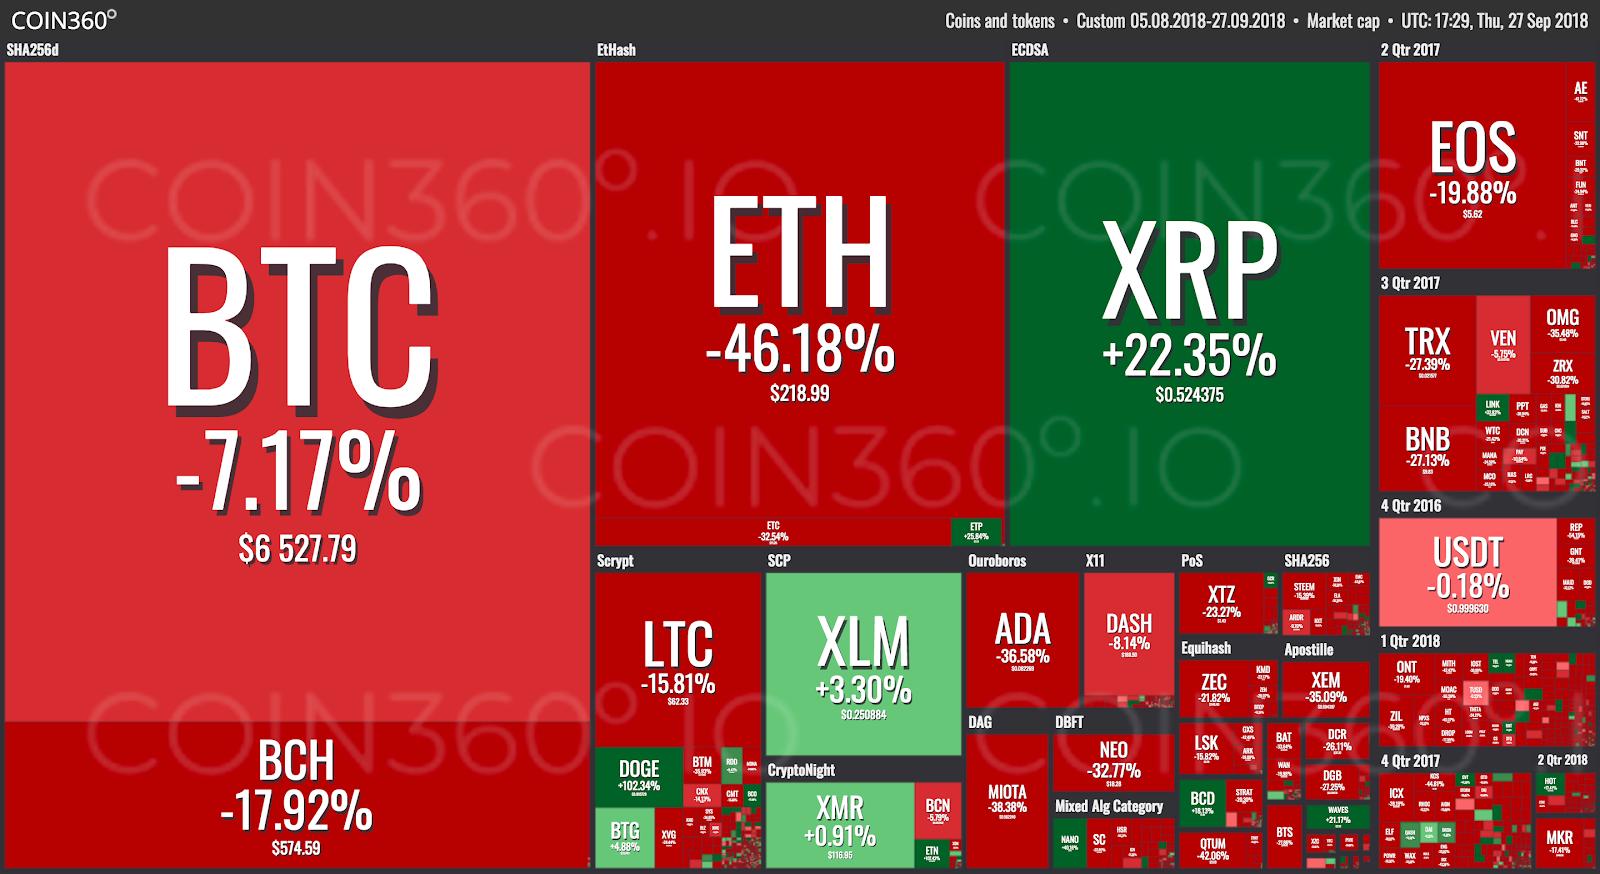 показатели различных криптовалют